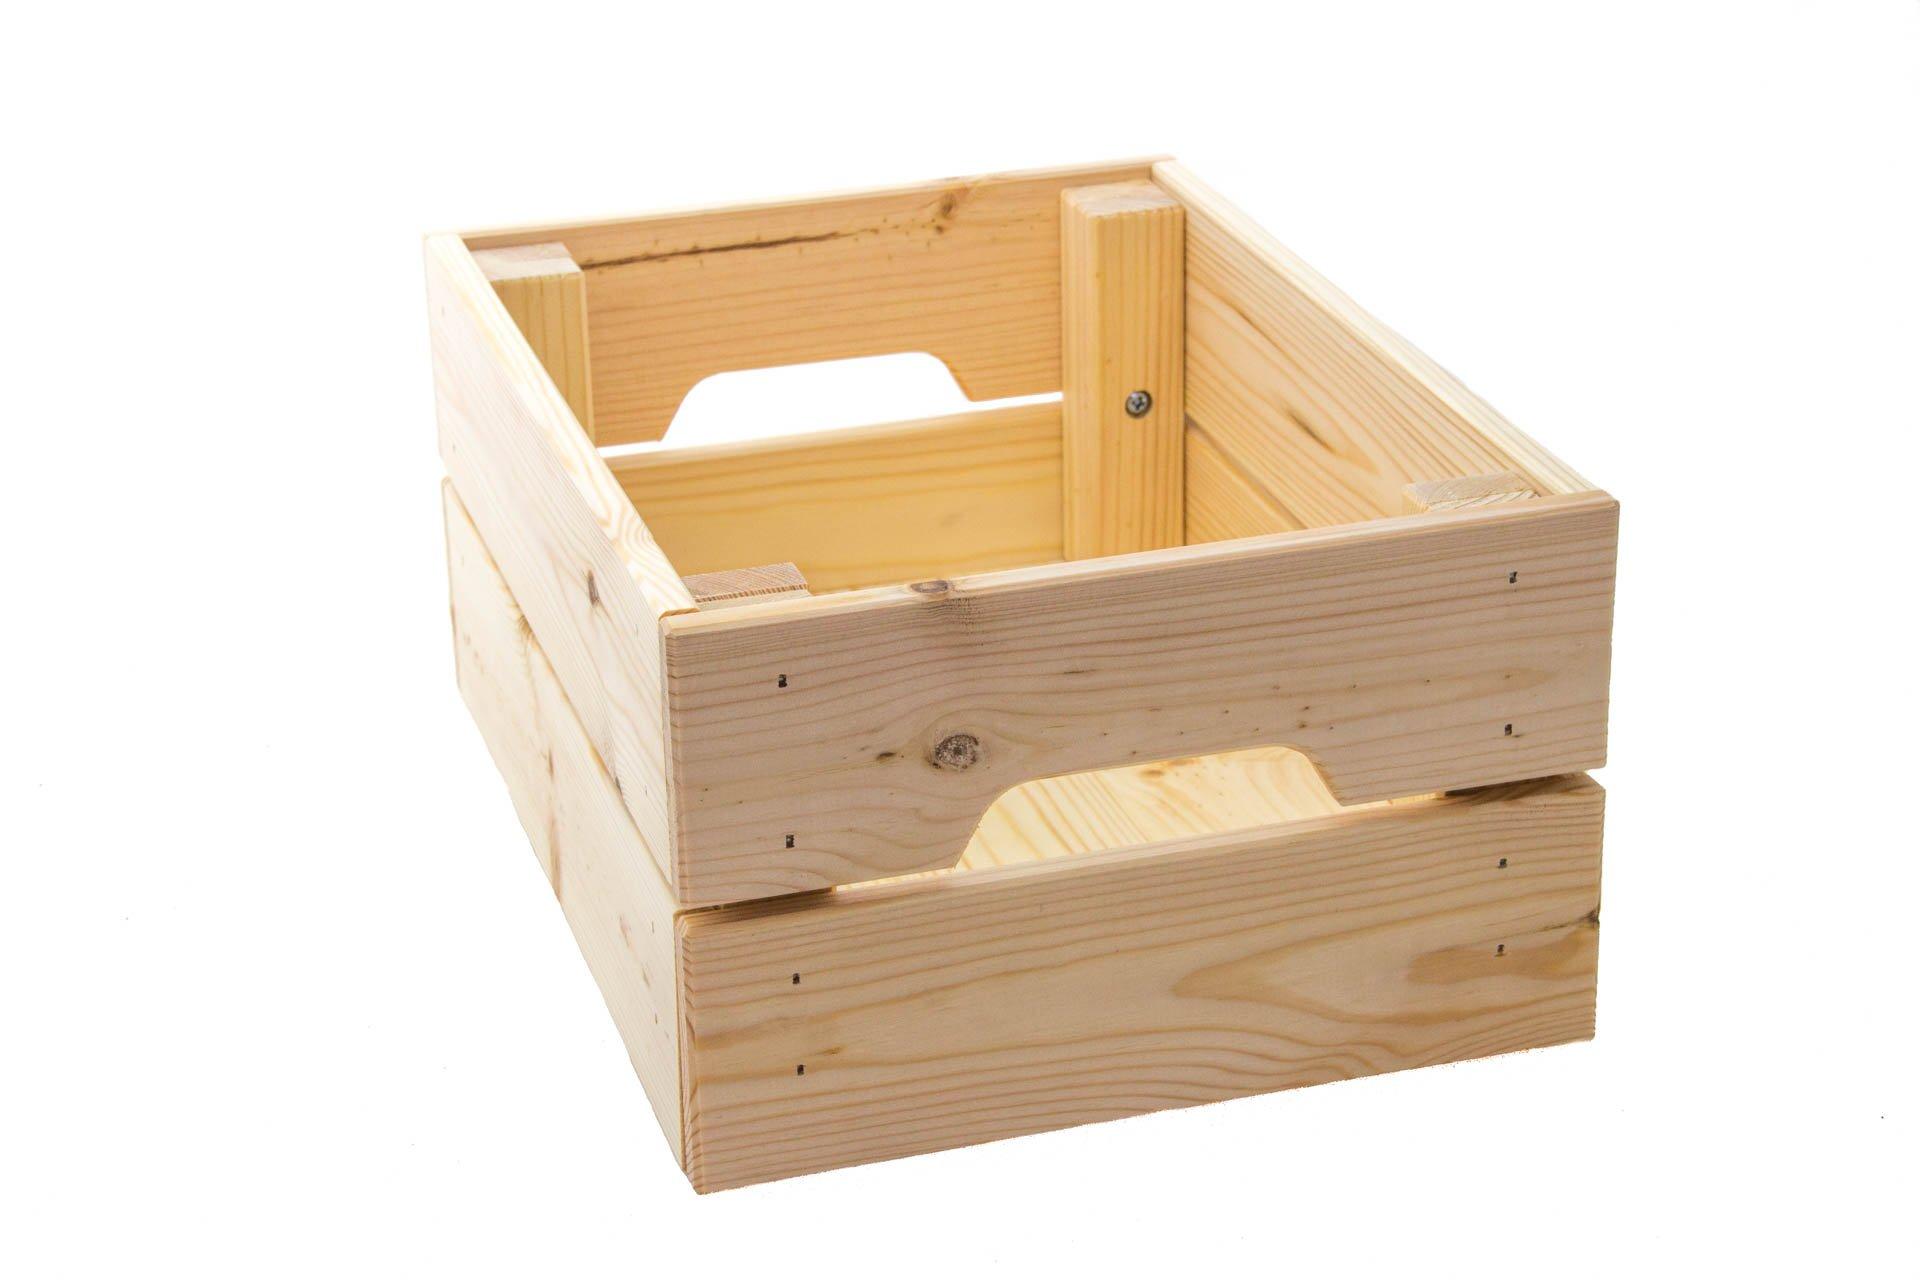 gravierte holzbox holzkiste mit gravur selbst gestaltensneg schnell noch ein. Black Bedroom Furniture Sets. Home Design Ideas